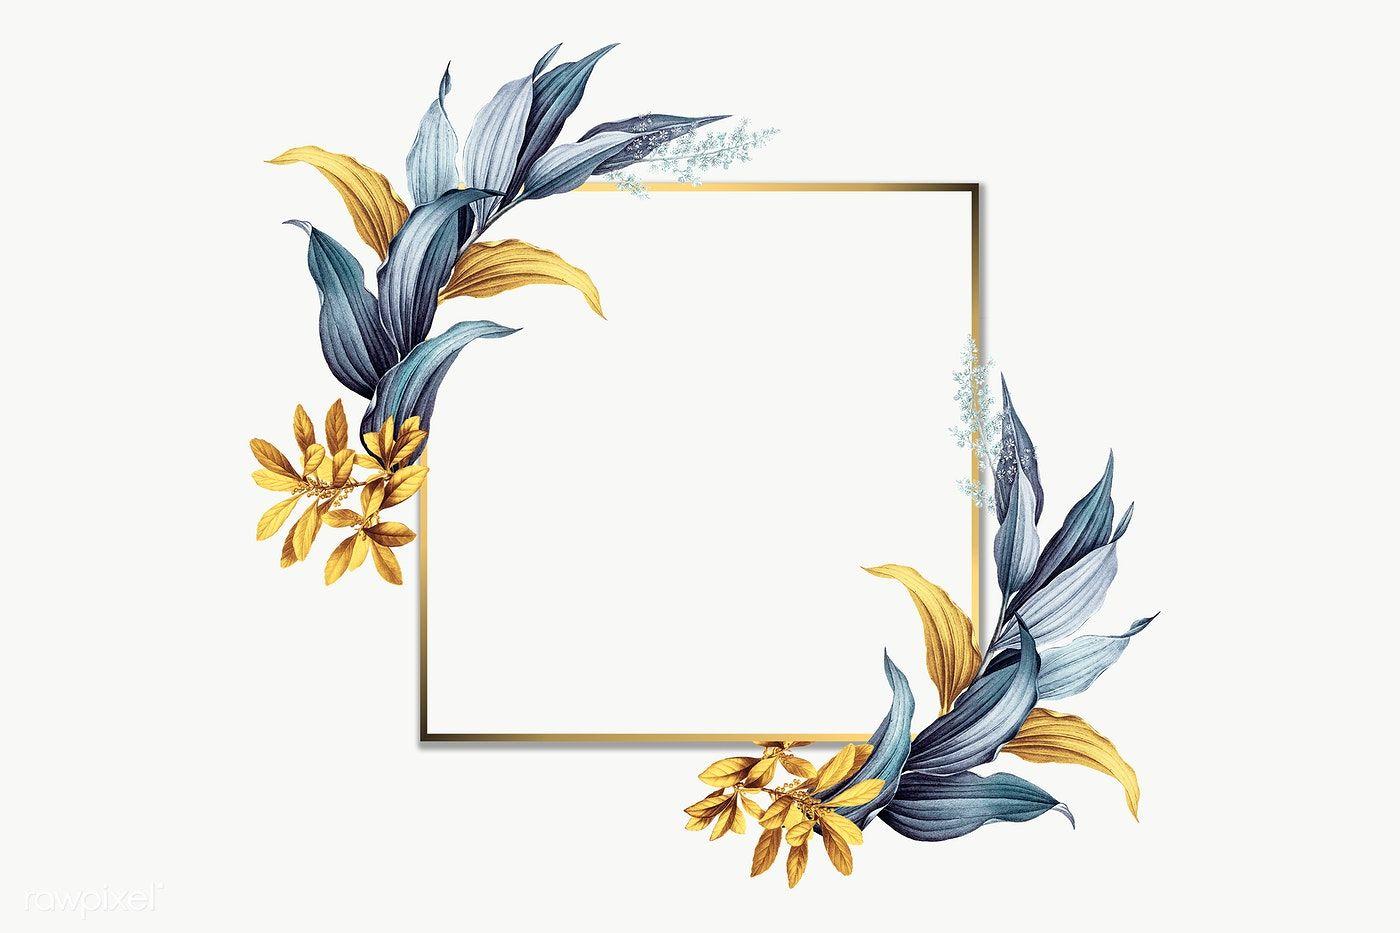 Golden Square Frame Transparent Png Free Image By Rawpixel Com Adj Flower Background Wallpaper Flower Illustration Square Frames